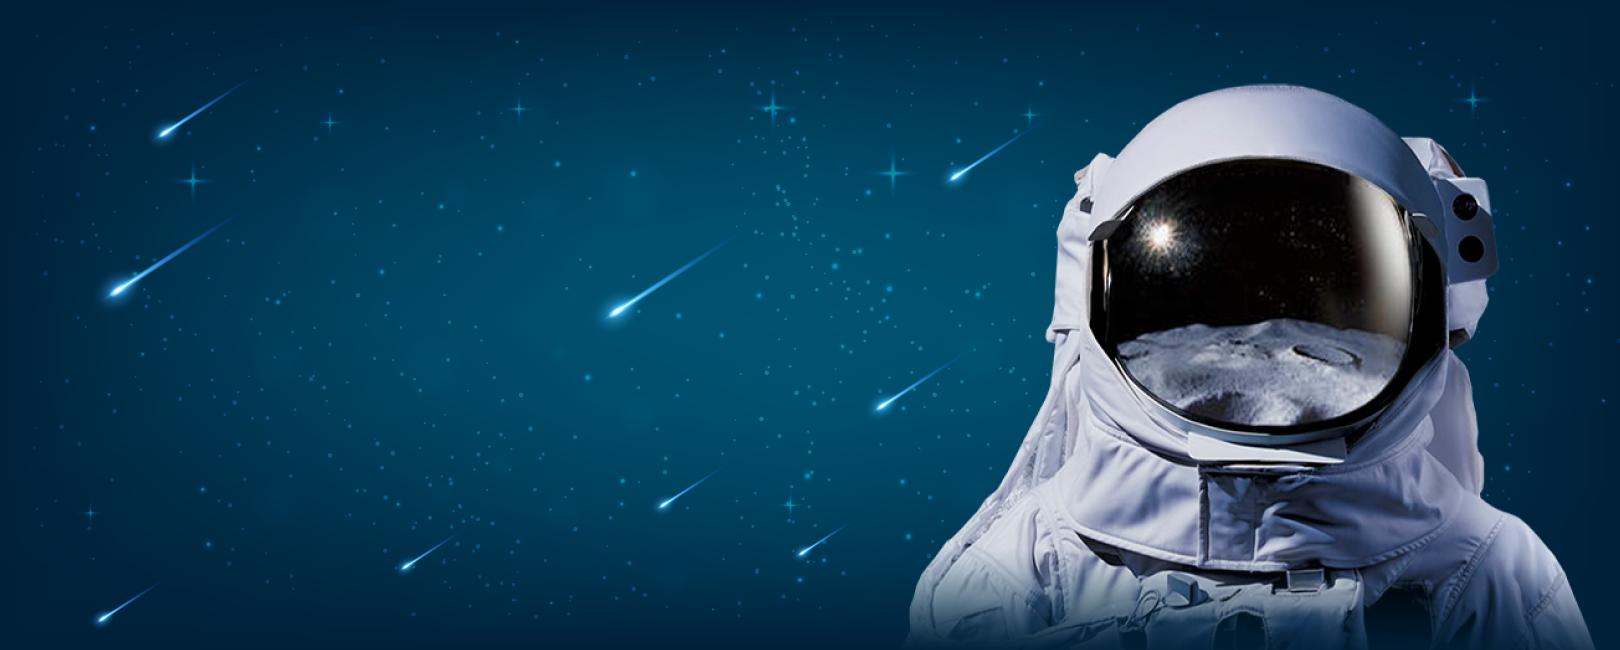 Crear un equipo de alto rendimiento, o cómo enviar astronautas a la luna (parte I)